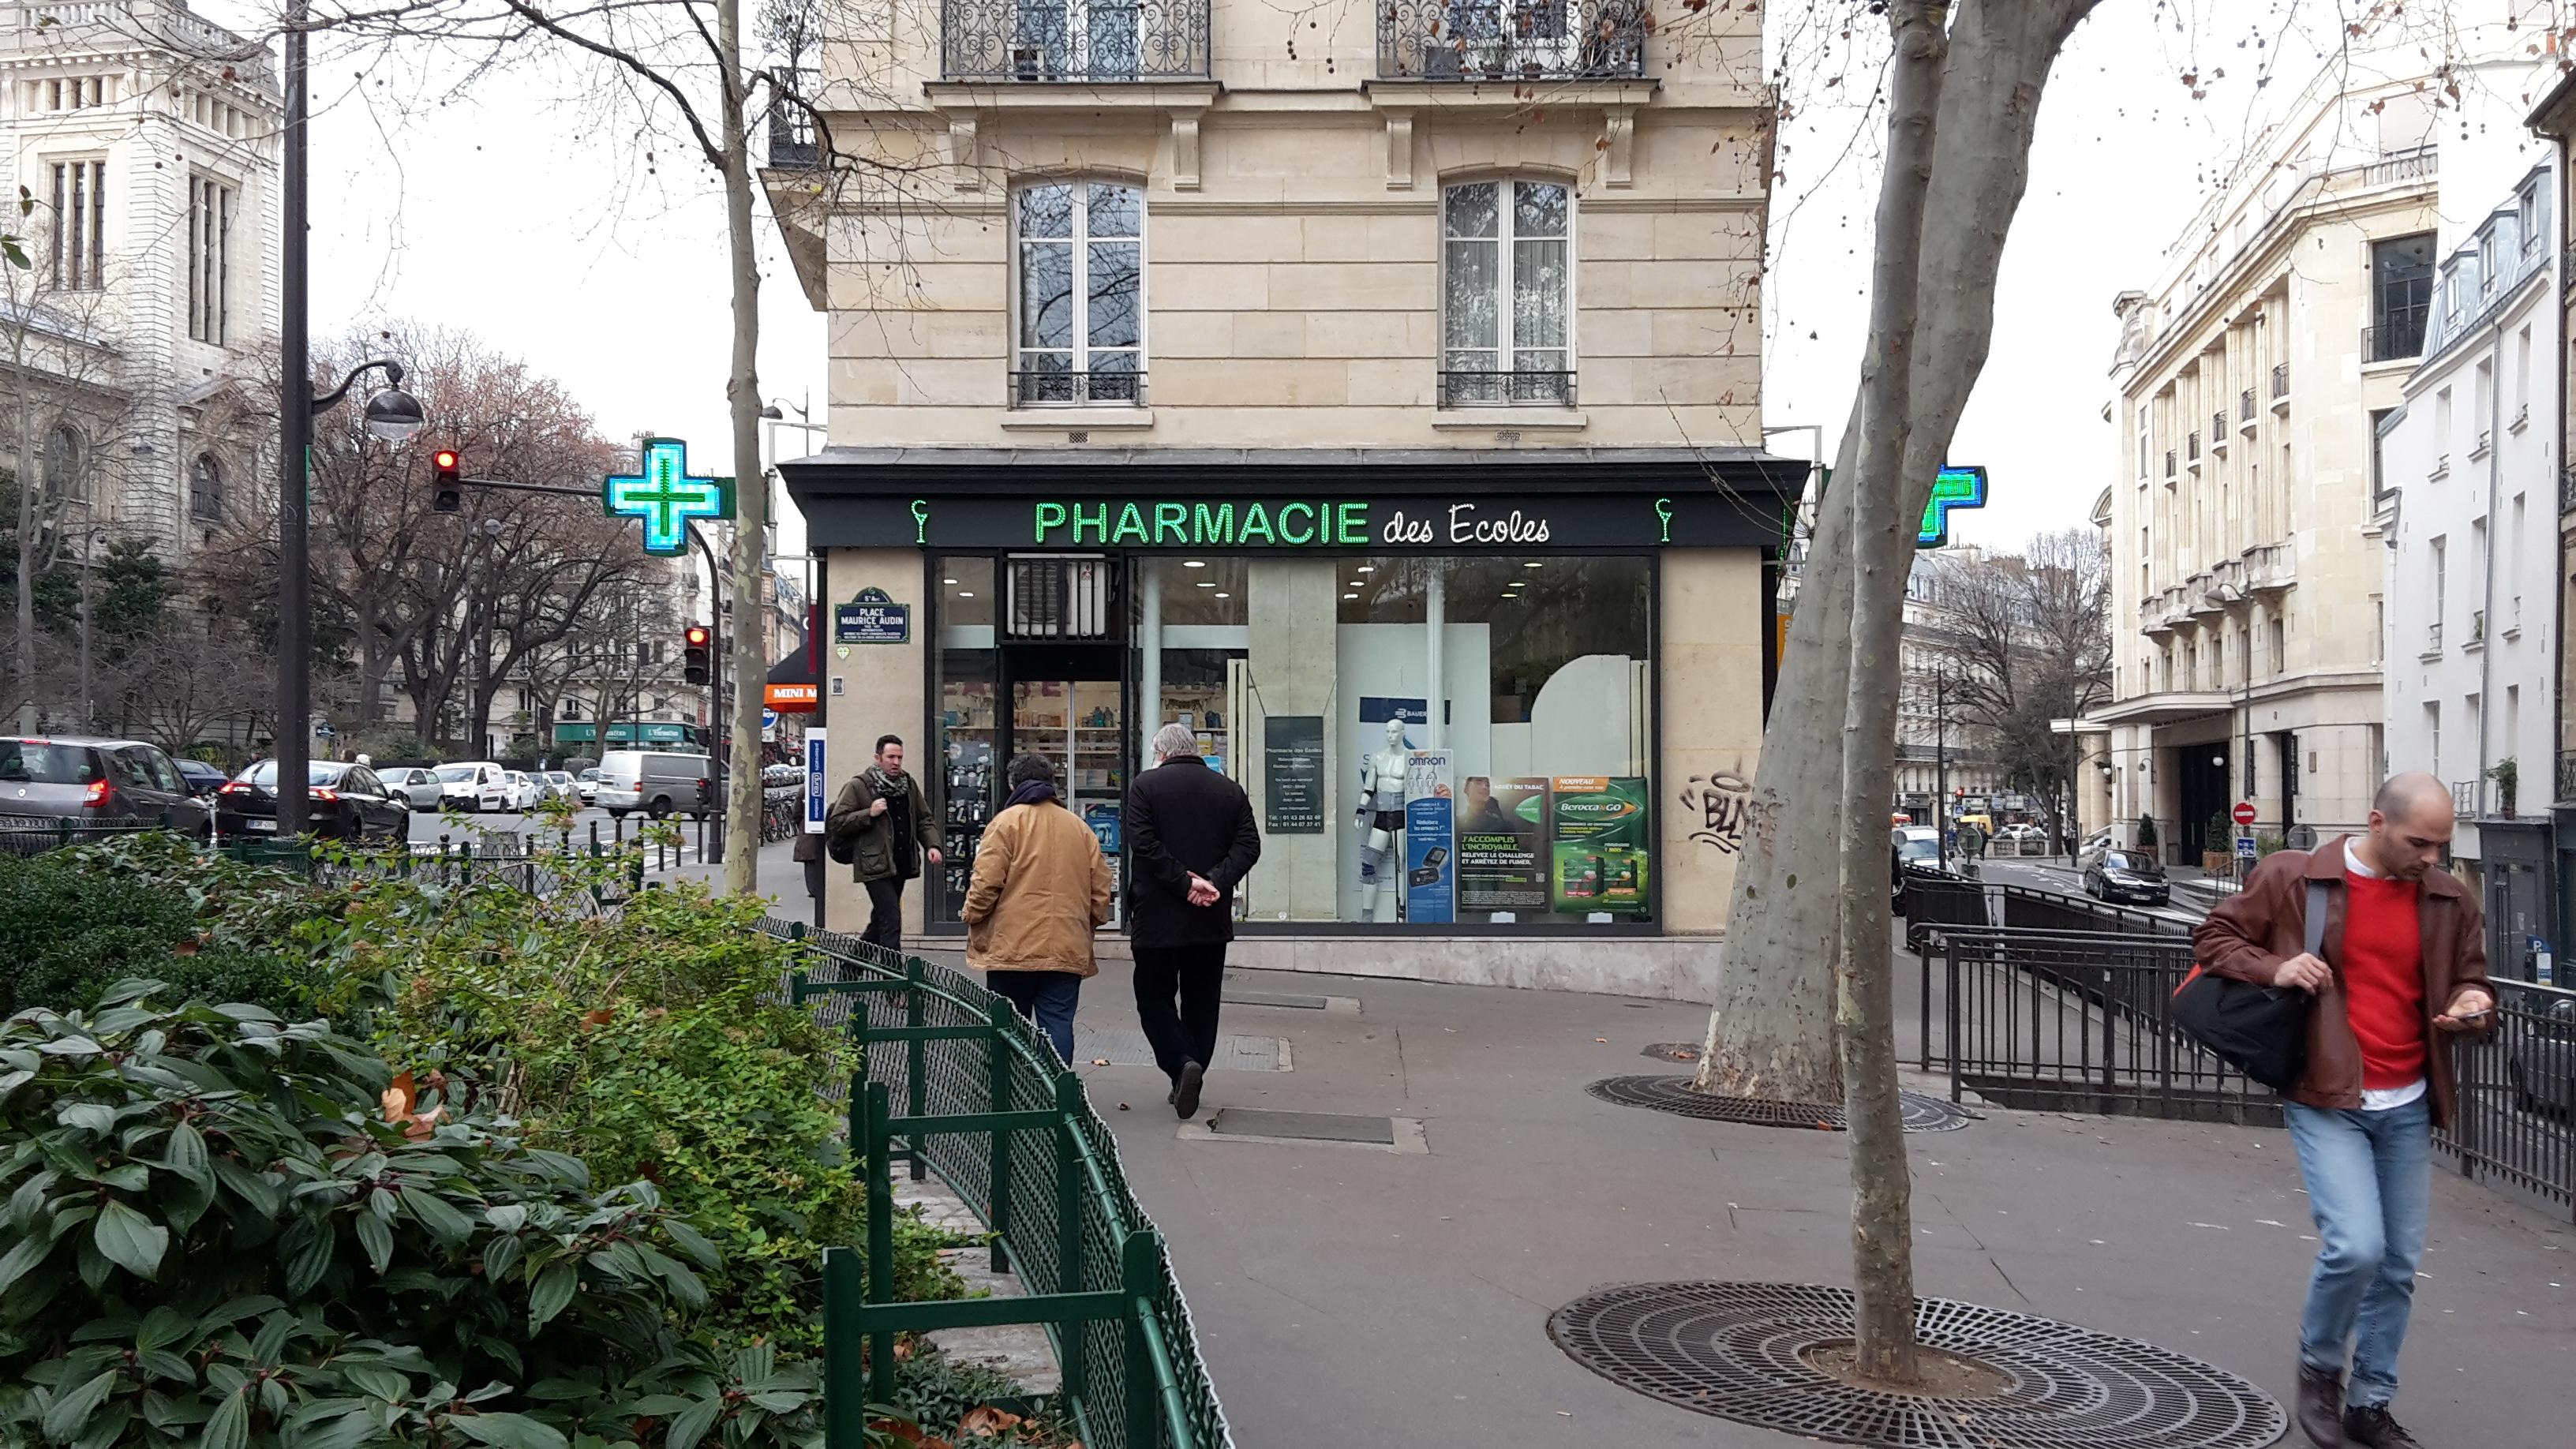 Pharmacie des coles paris en m tro - 48 rue des ecoles 75005 paris ...